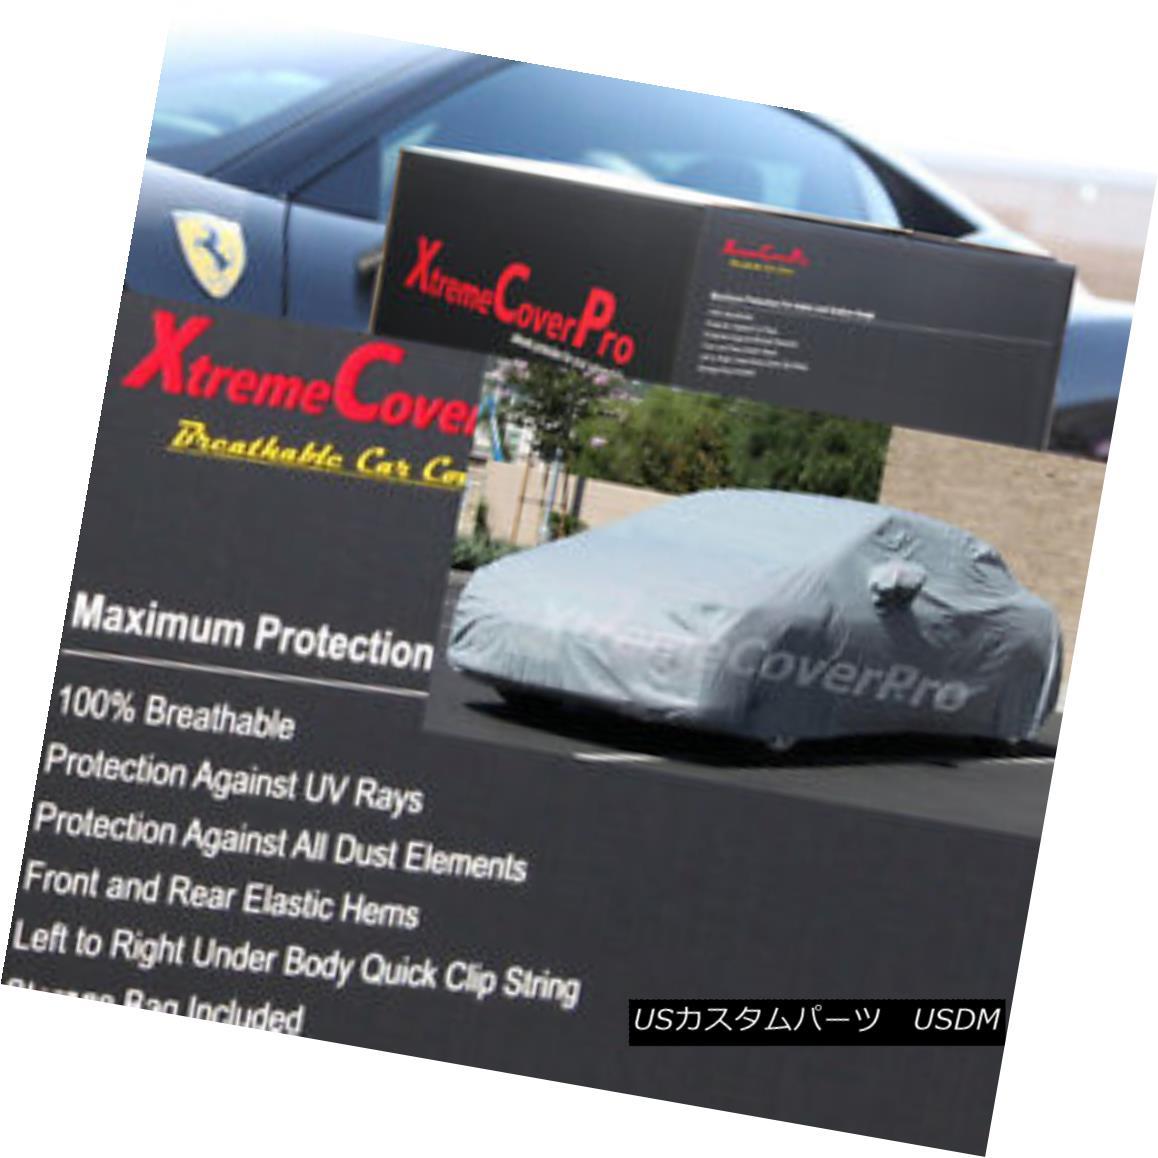 カーカバー 2015 LEXUS LS600H LS460L Breathable Car Cover w/Mirror Pockets - Gray 2015レクサスLS600H LS460L通気性車カバー付き/ミラーポケット - グレー